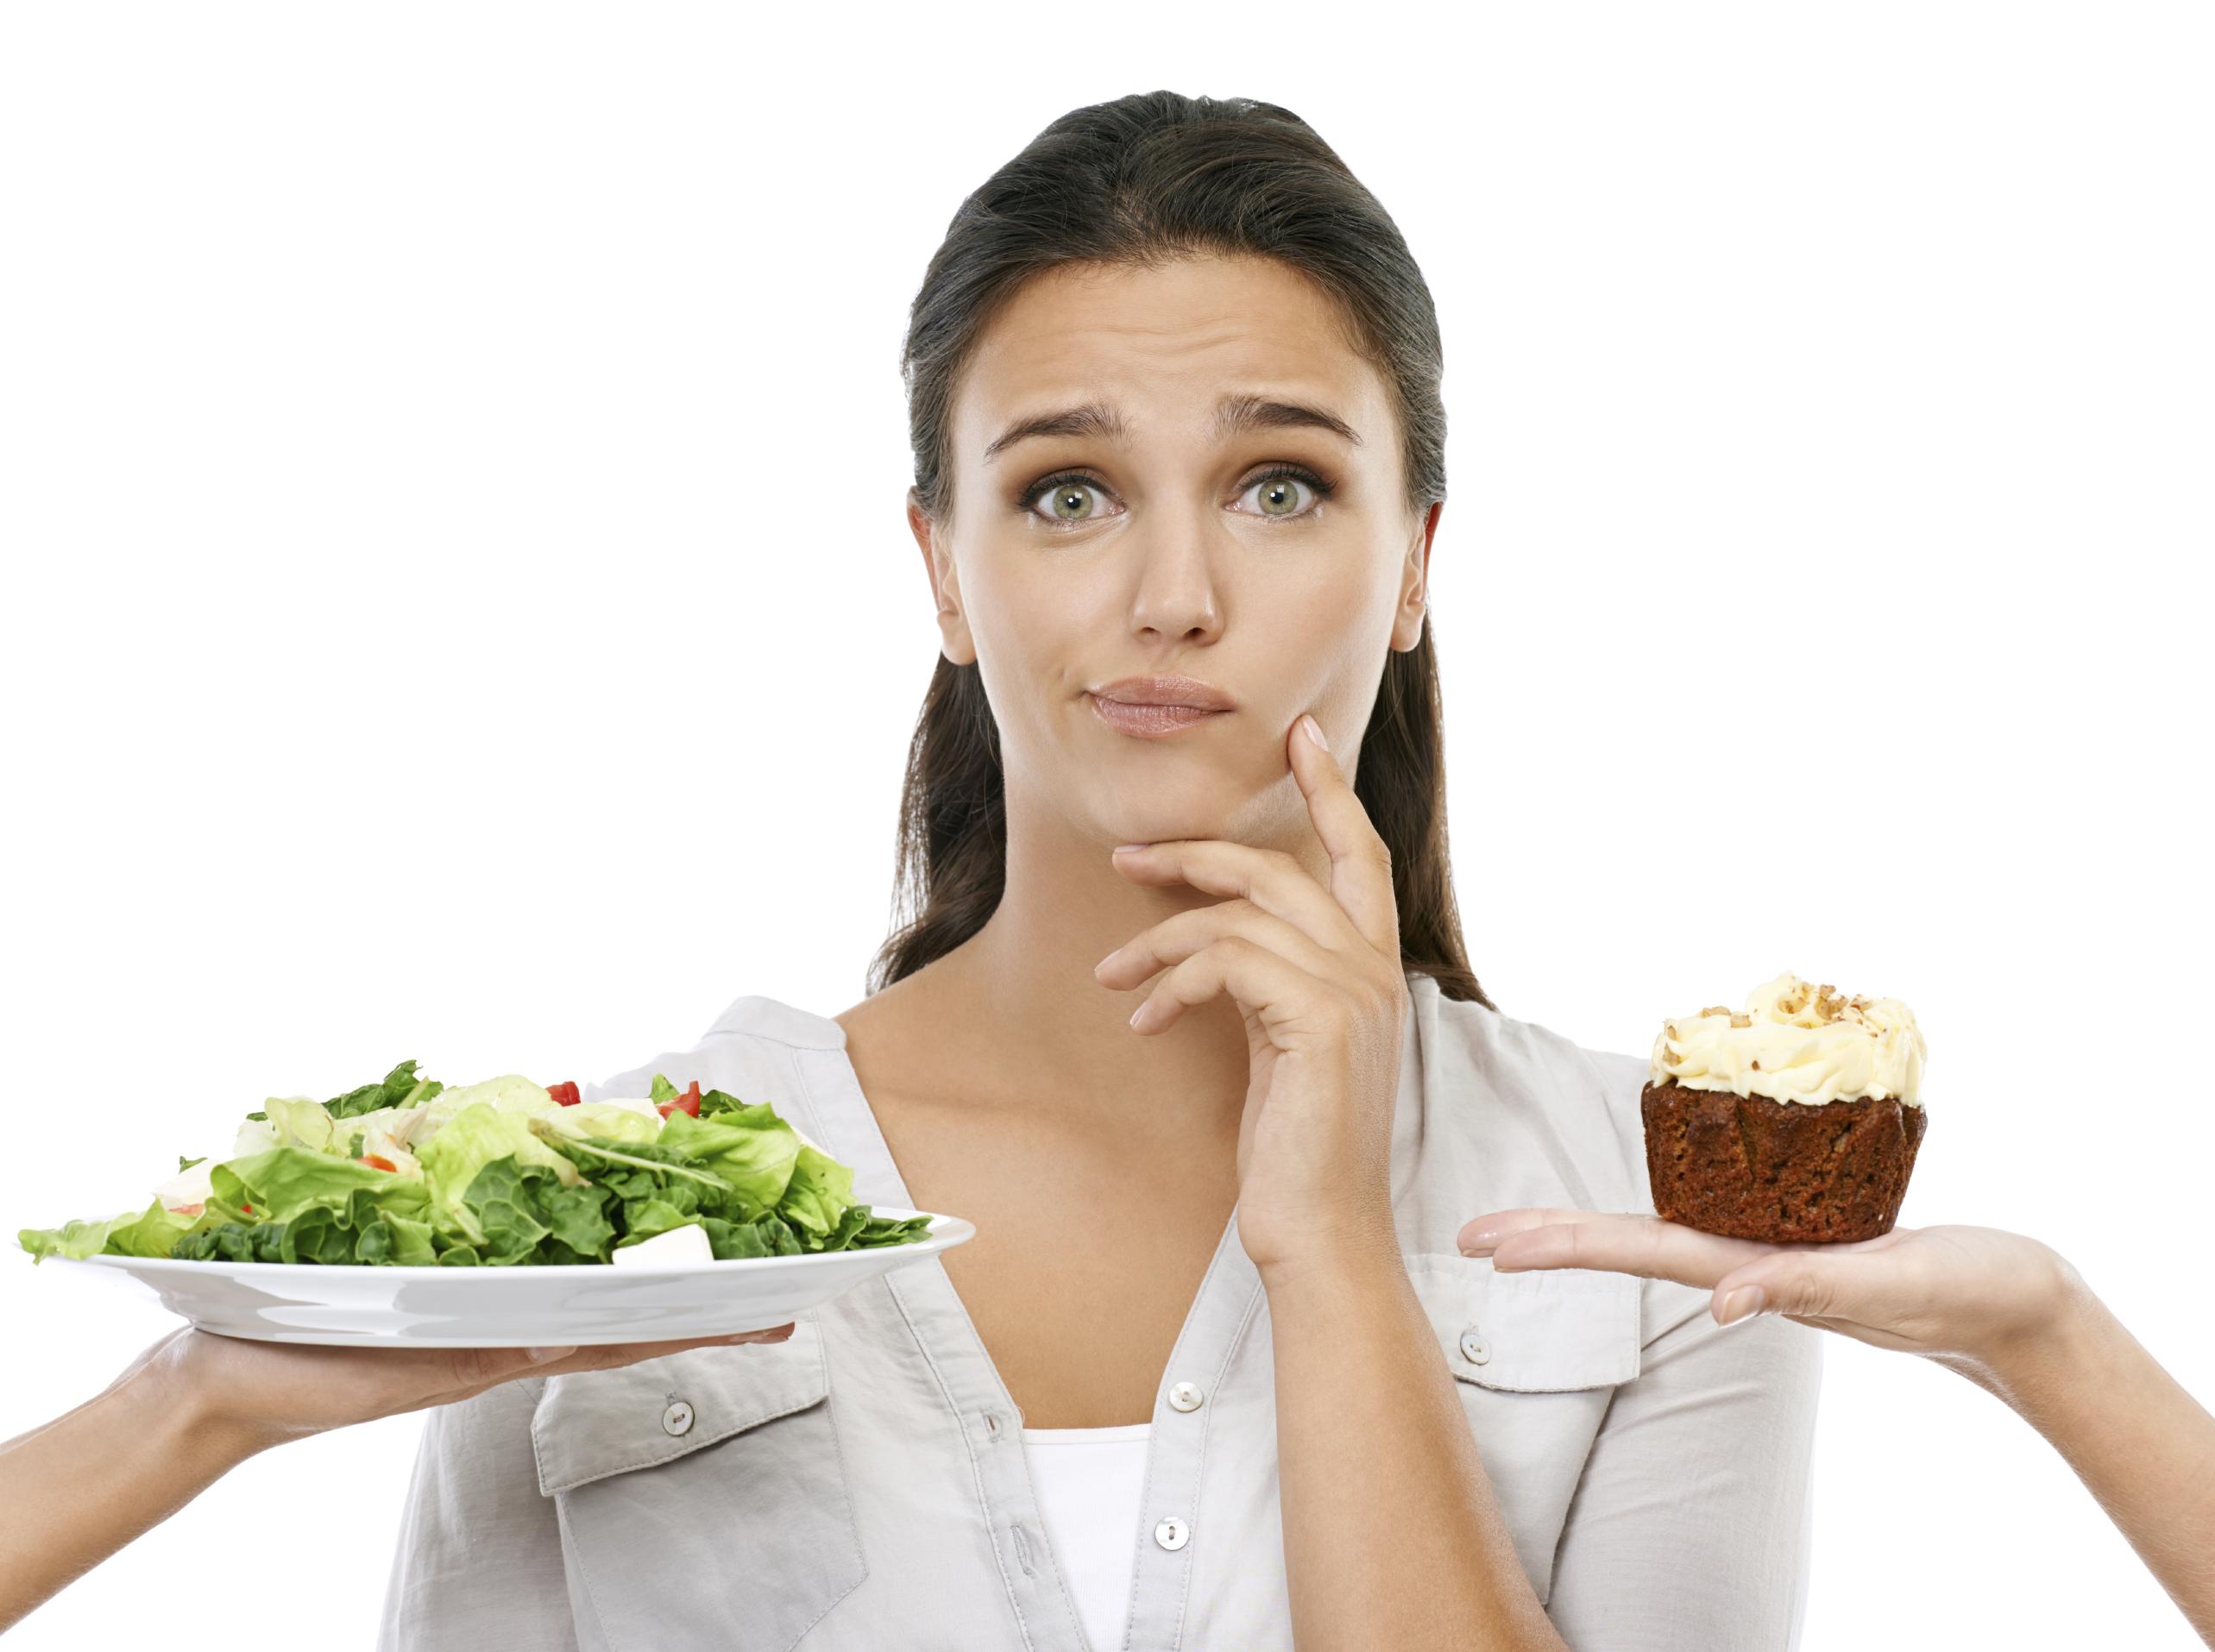 mit kell enni magas vérnyomás esetén magas vérnyomás magas vérnyomás alternatív kezelés